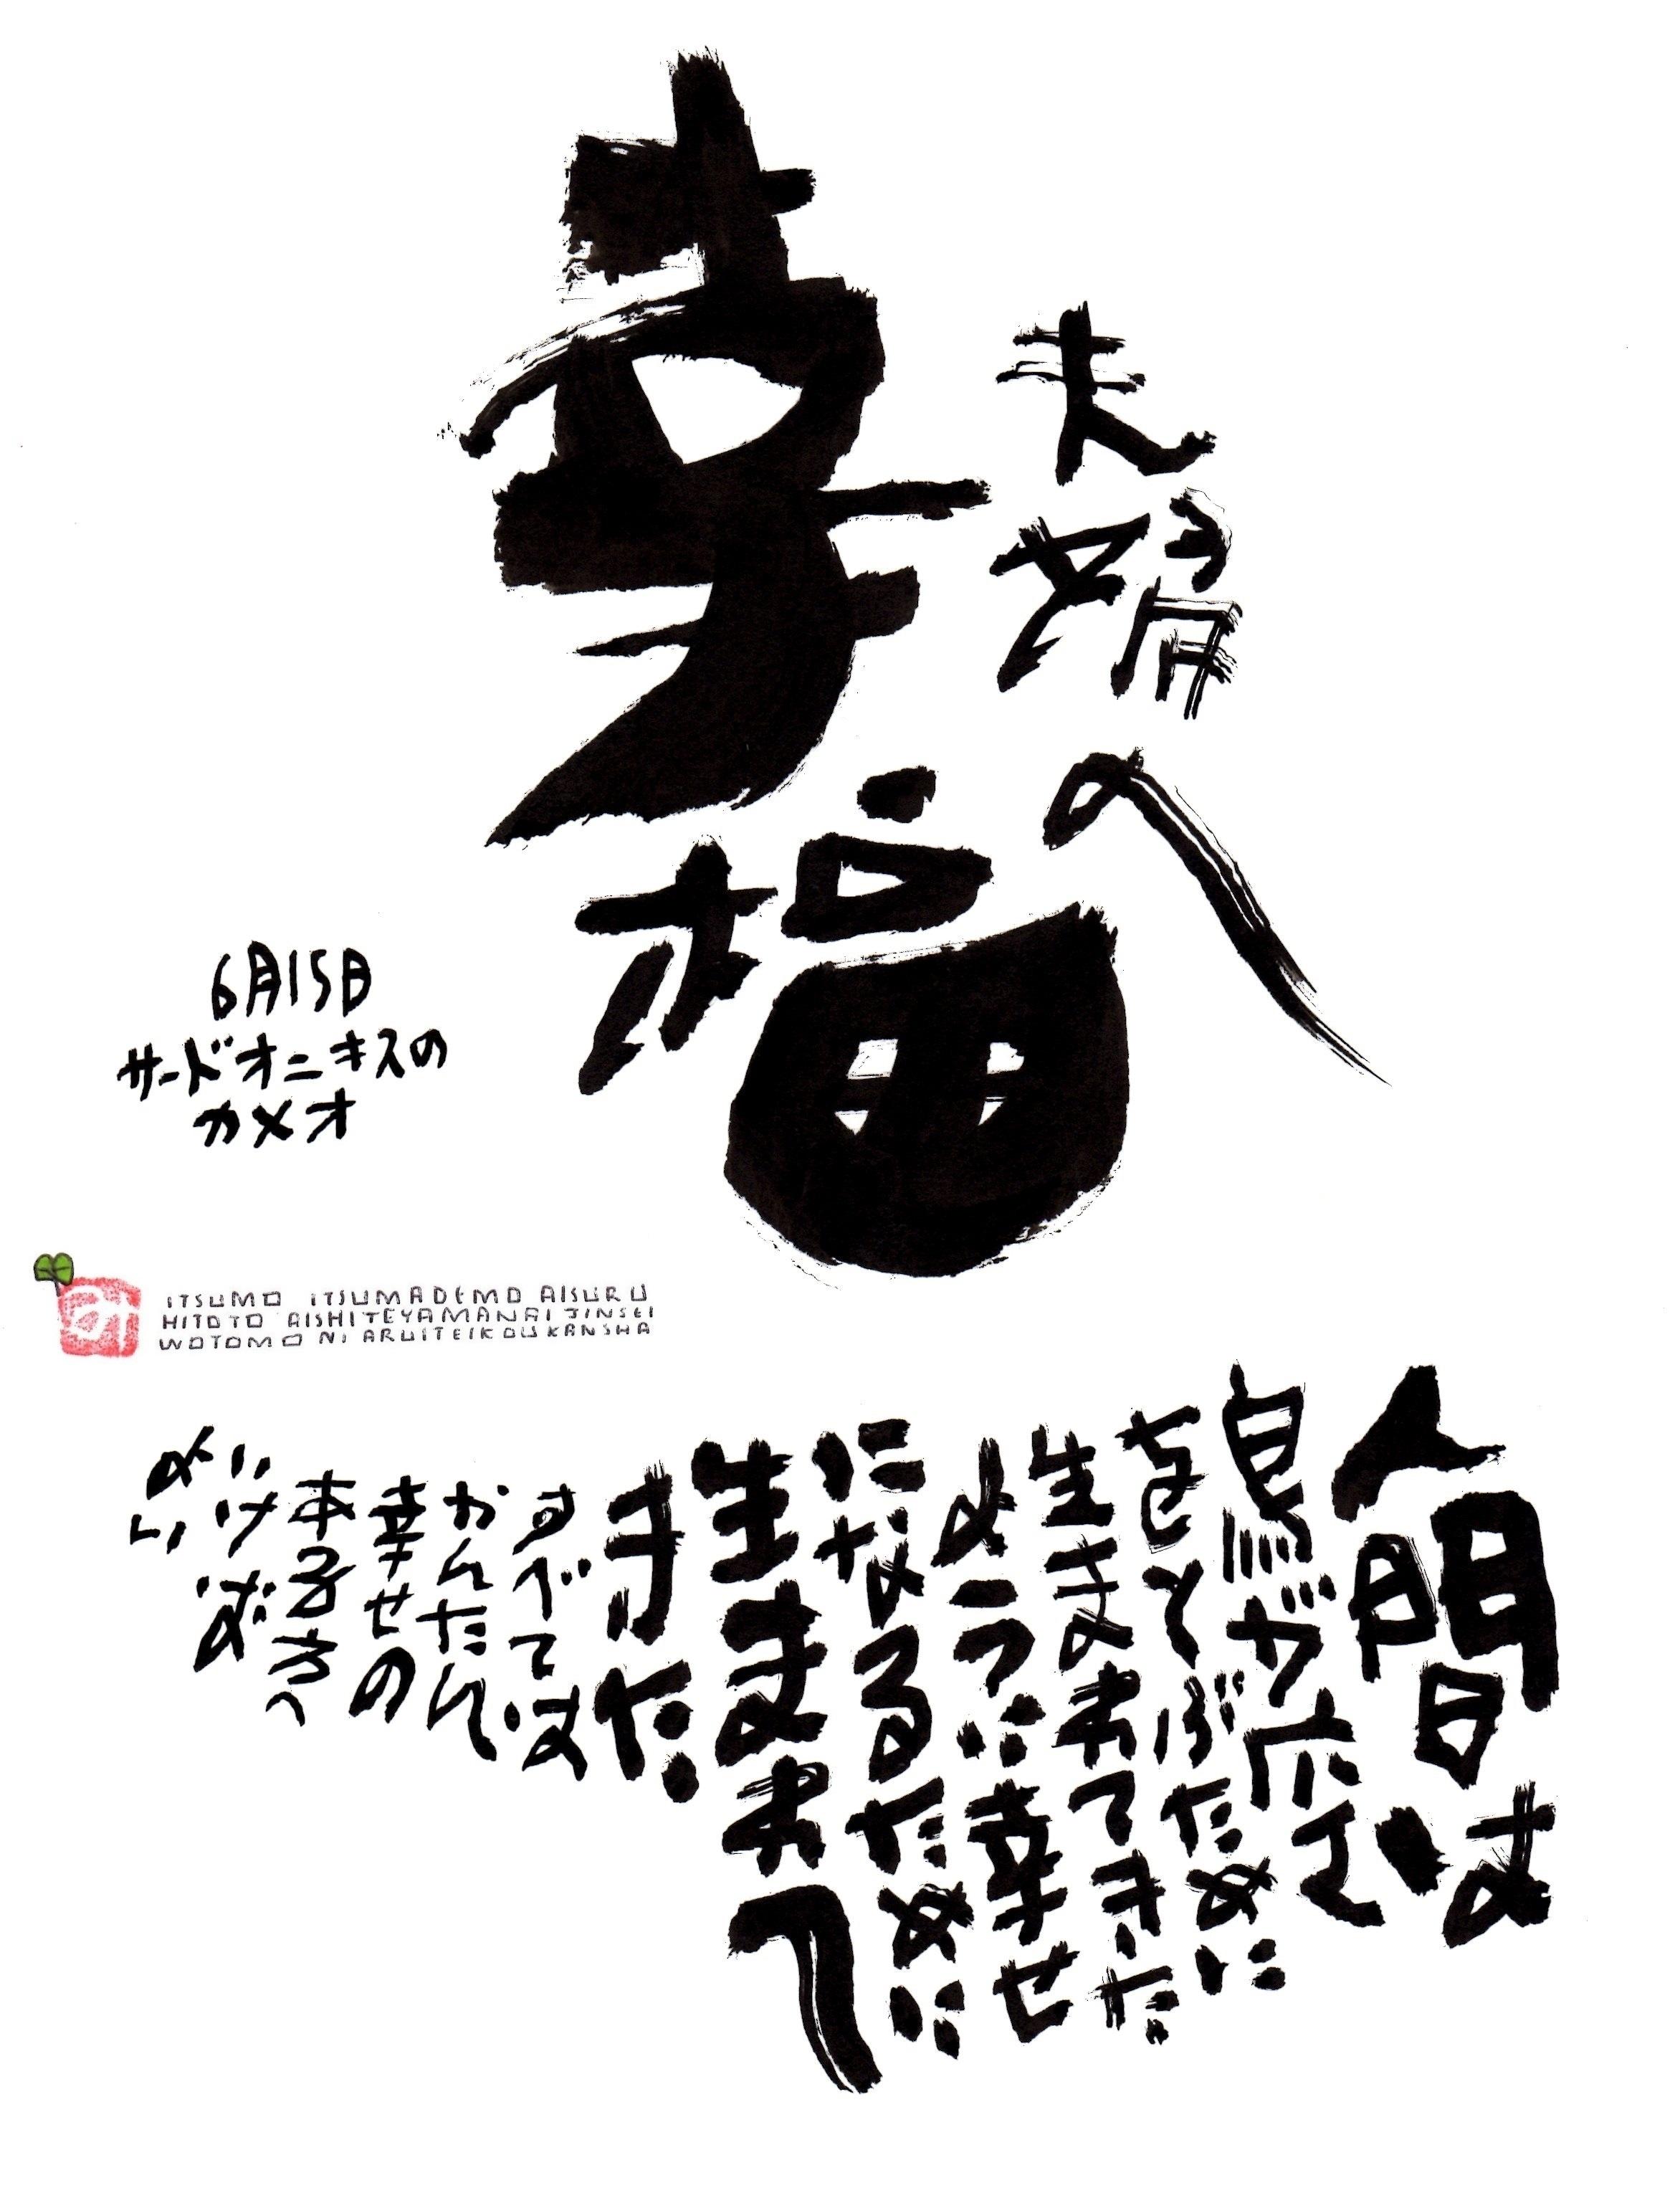 6月15日 結婚記念日ポストカード【夫婦の幸福】